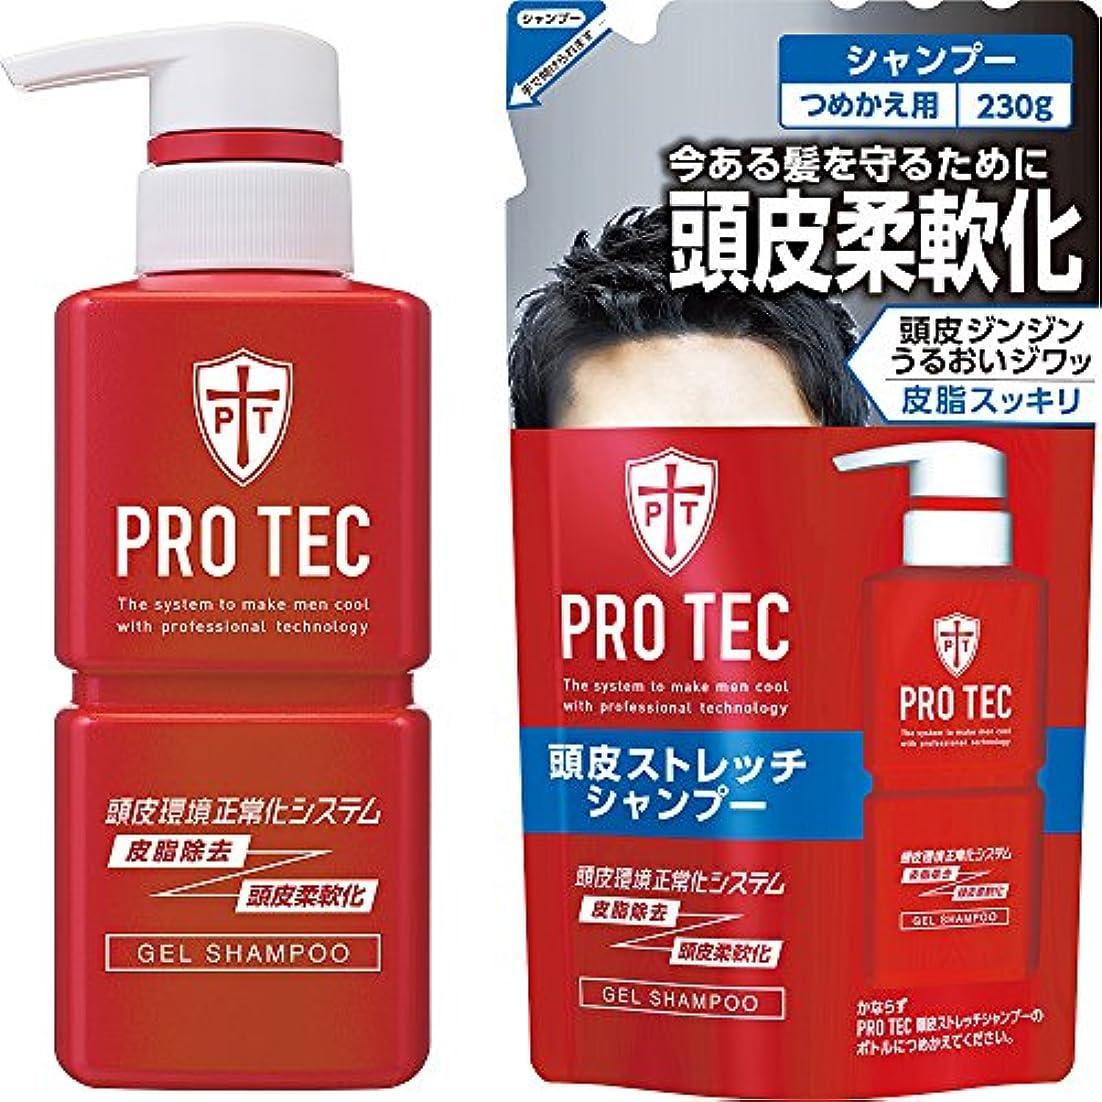 反対したシティ中庭PRO TEC(プロテク) 頭皮ストレッチシャンプー 本体ポンプ300g+詰め替え230g セット(医薬部外品)